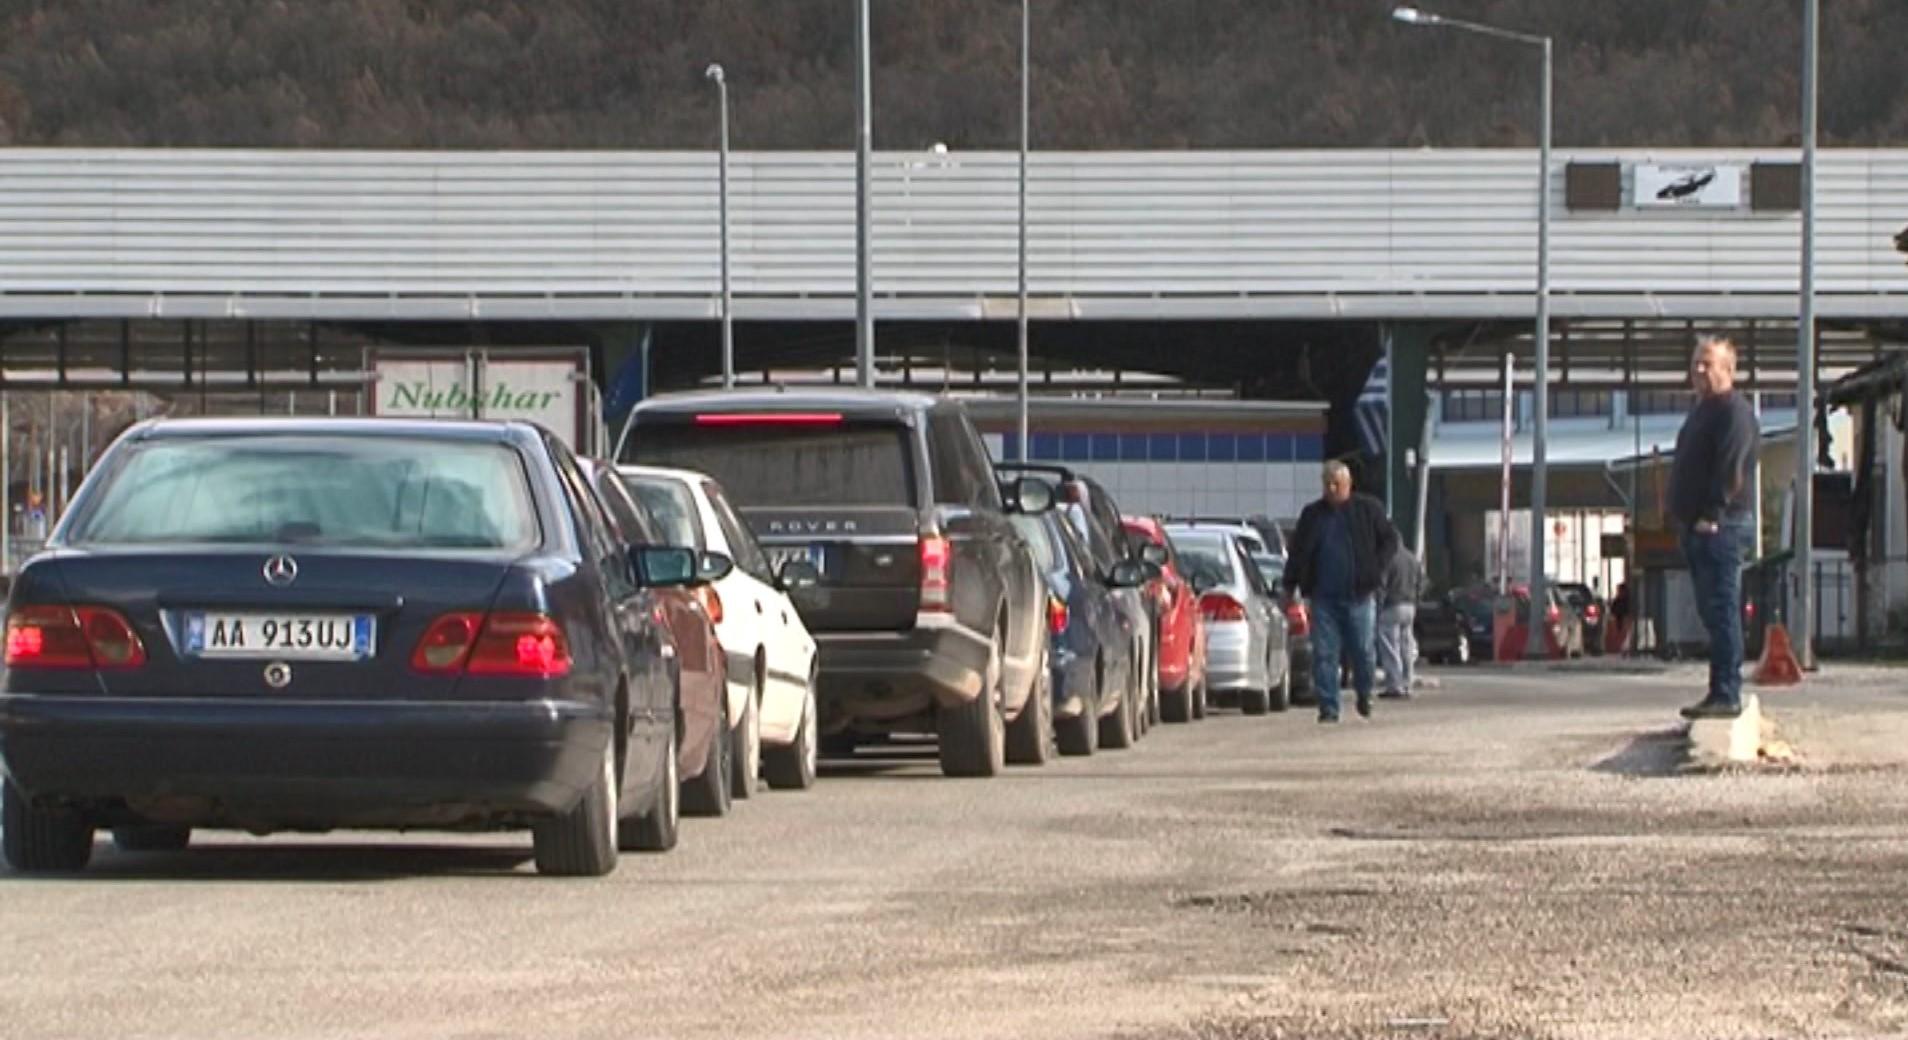 Rikthehet kaosi në Kapshticë, autobusët në radhë prej orëve të para të mëngjesit